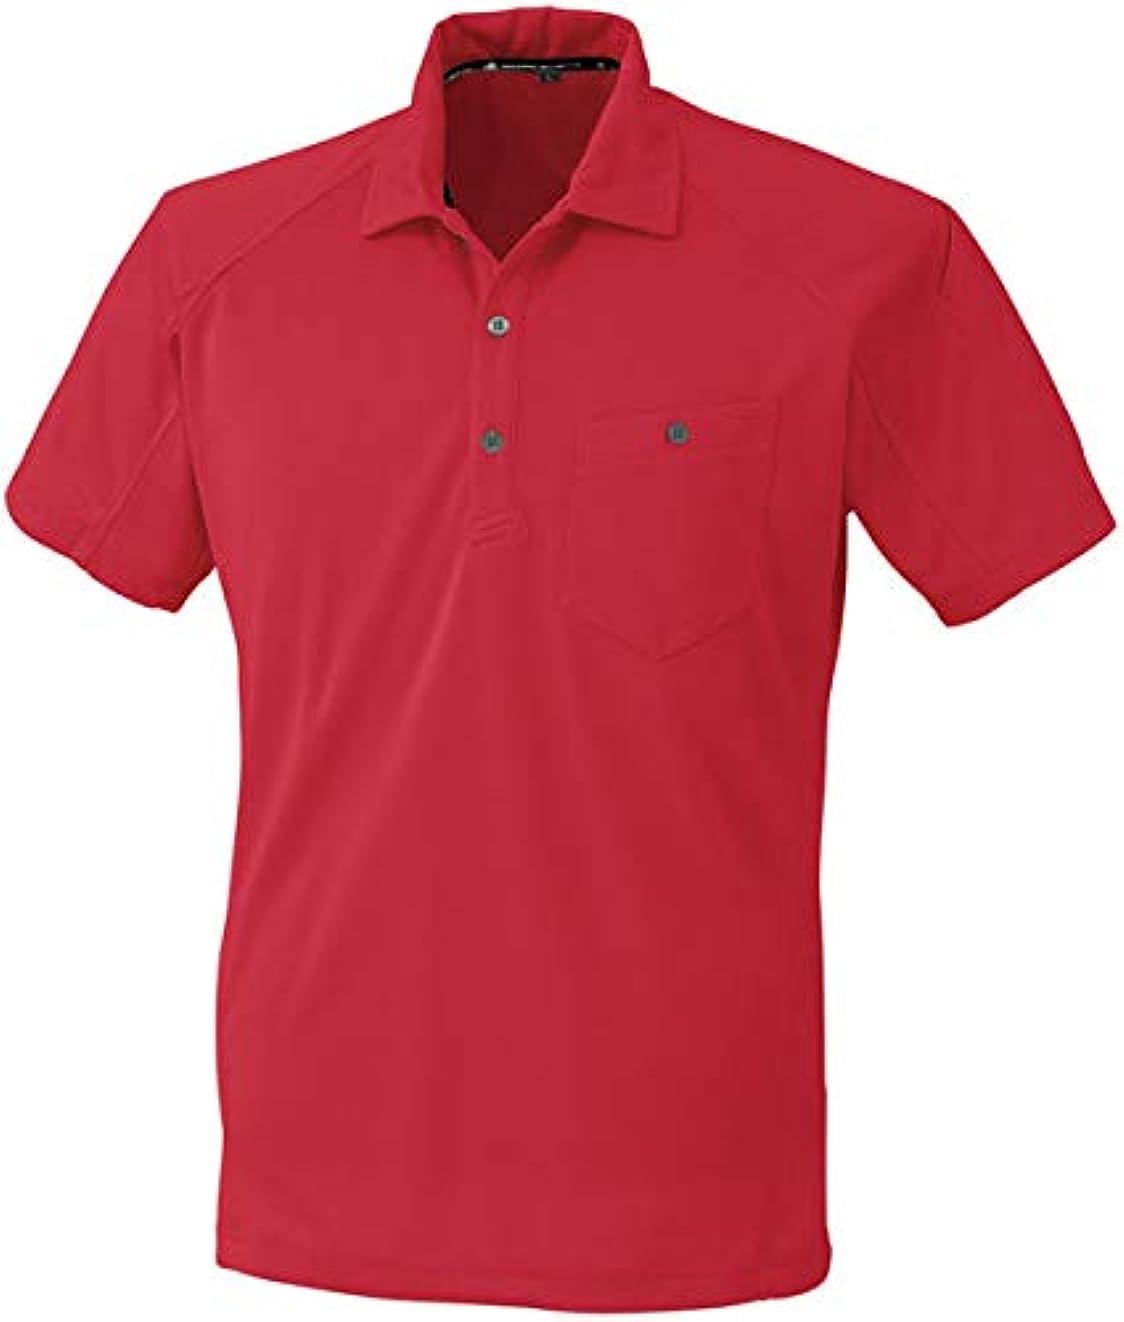 付属品ご覧ください暫定のコーコス 半袖ポロシャツ レッド 4L ※取寄品 A-4377